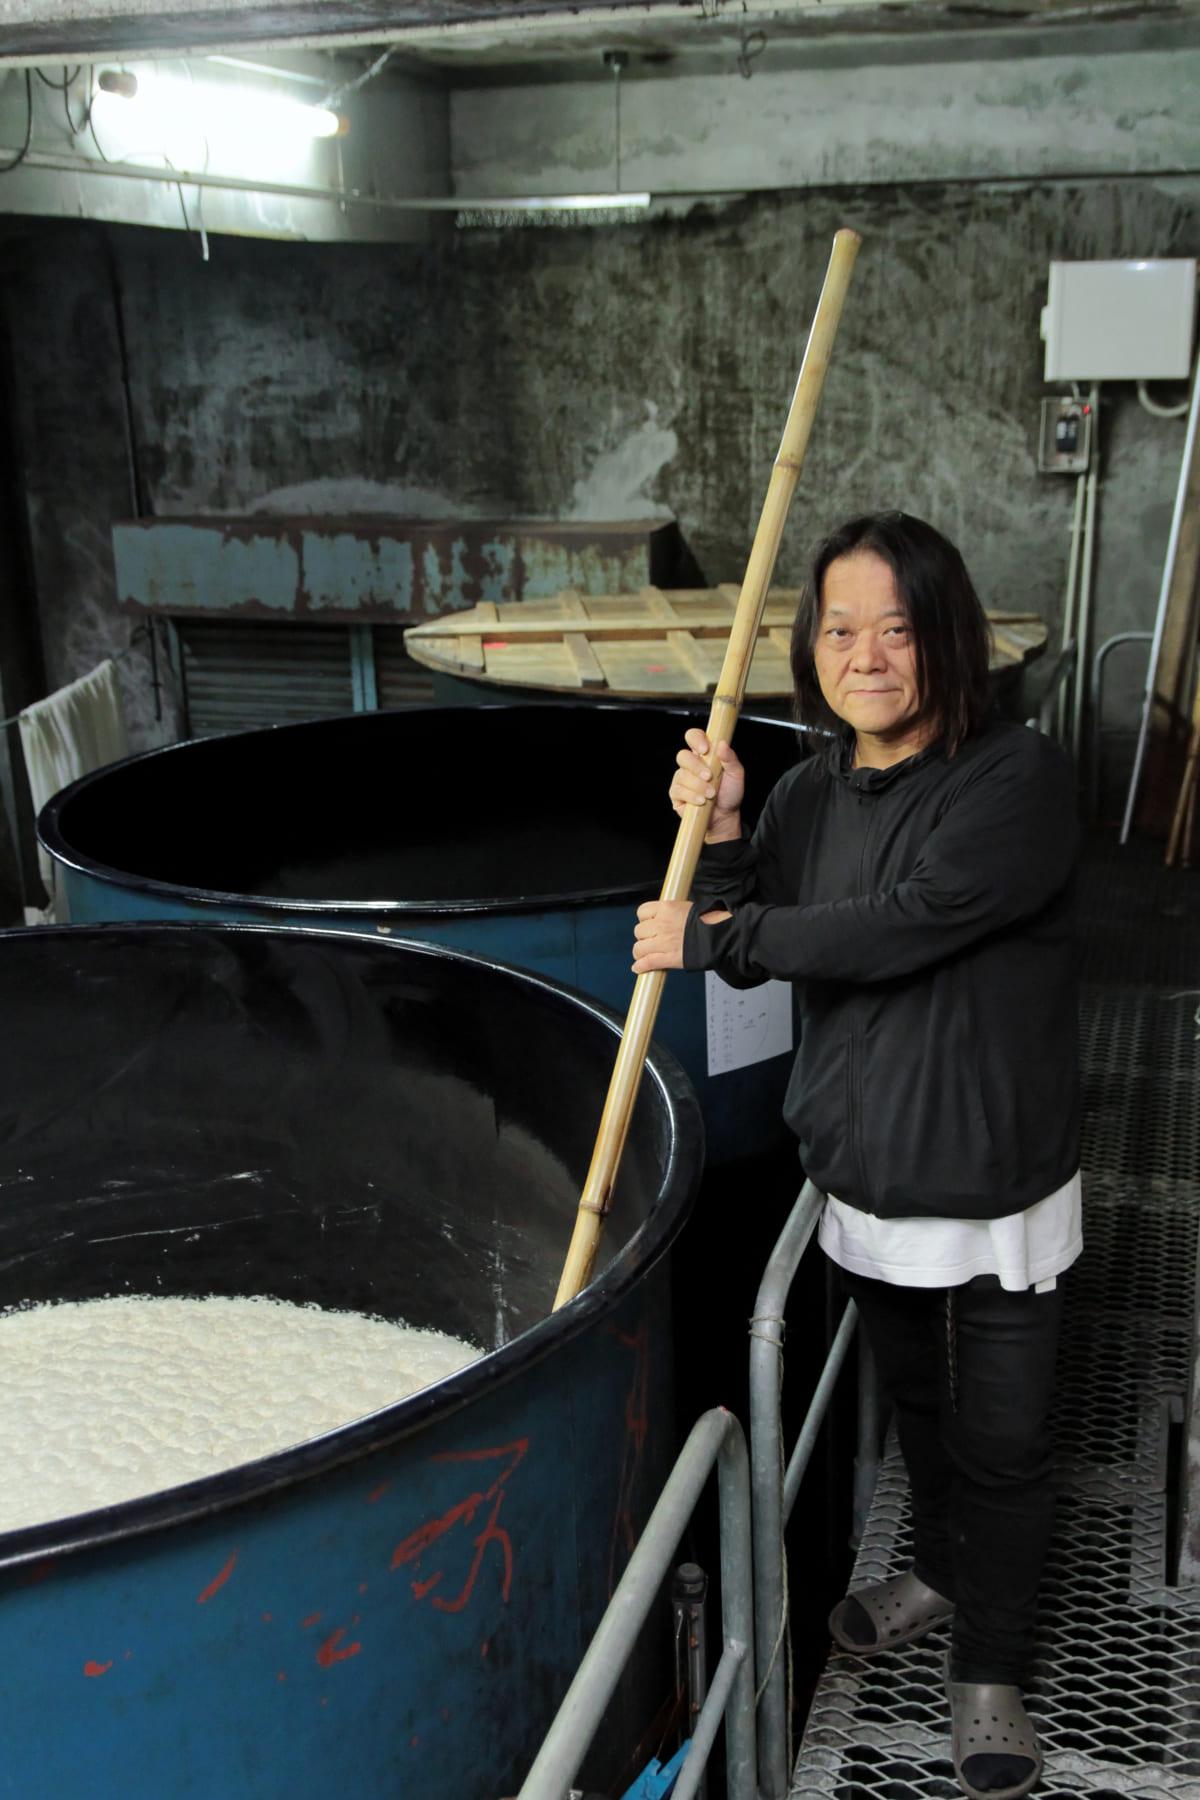 【徳島/三好市】大切な人に、花言葉を添えた徳島の地酒の贈り物を。三芳菊酒造のコラボ日本酒「珠シリーズ」が新登場!